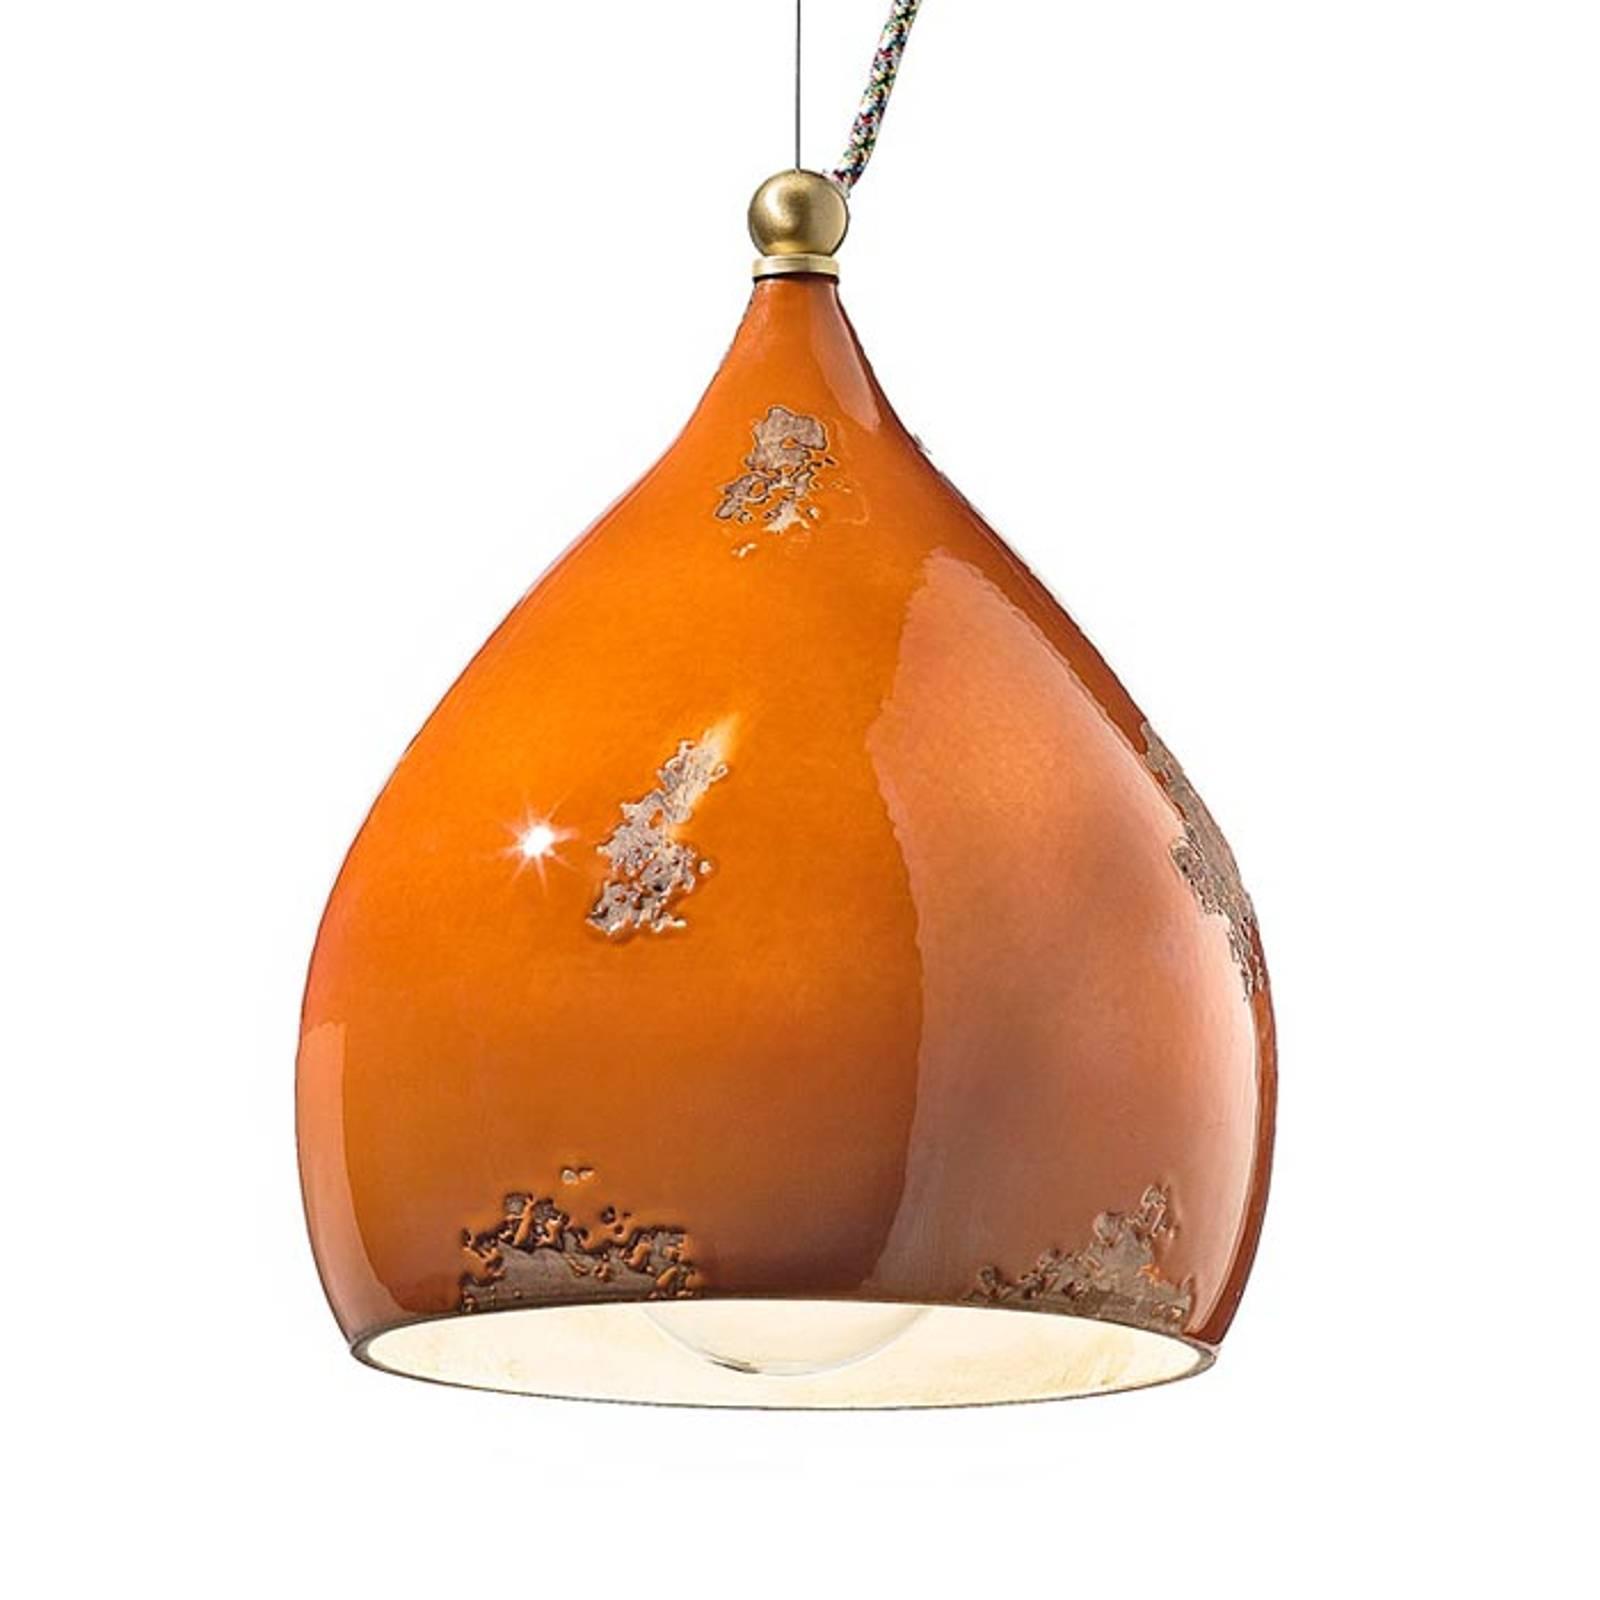 Lampa wisząca Federico z ceramiki, pomarańczowa